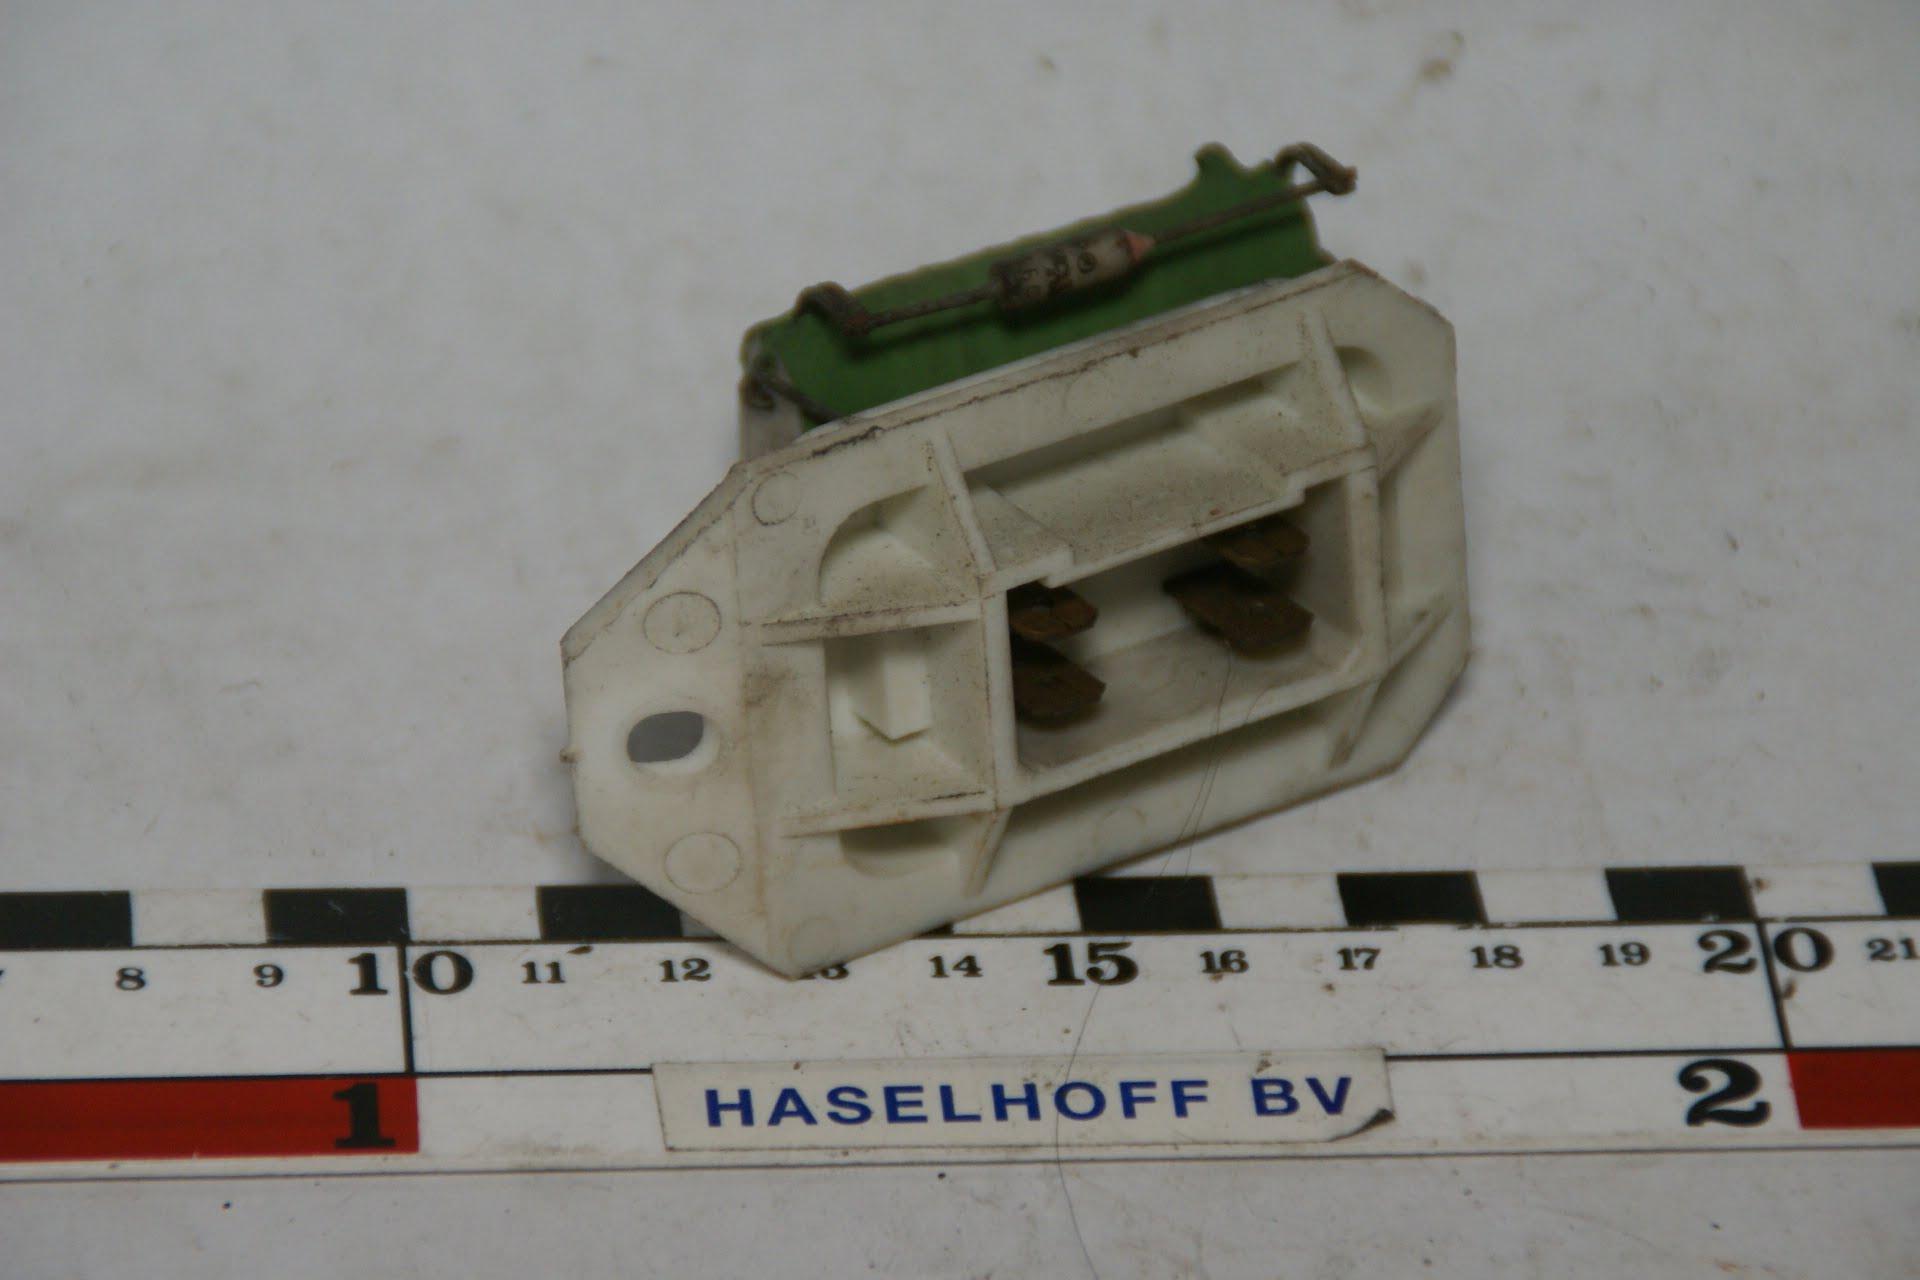 kachelmotor weerstanf 160627-5657-0